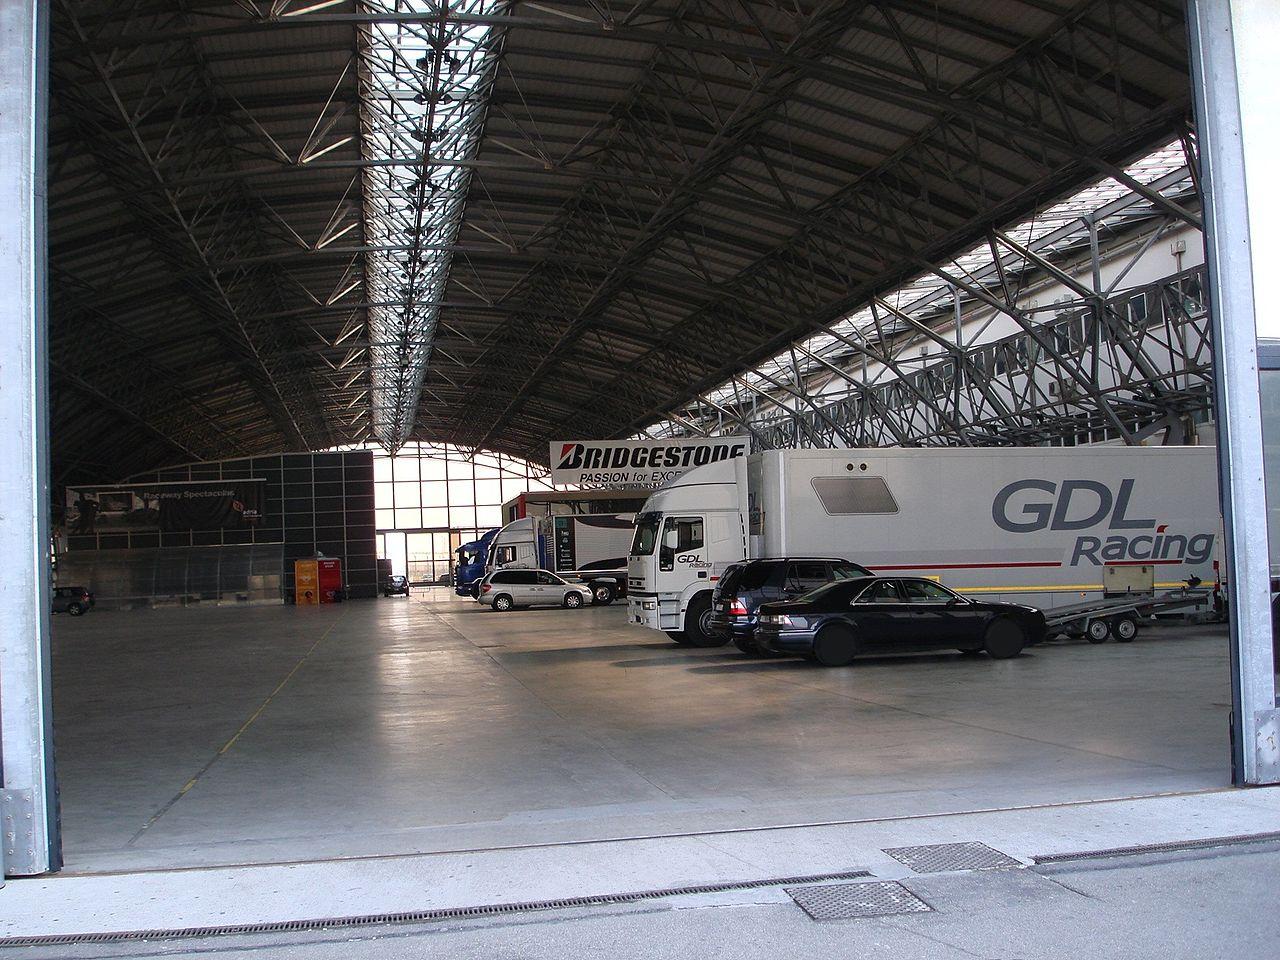 Circuito Adria : File italia italy autodromo adria dentro g